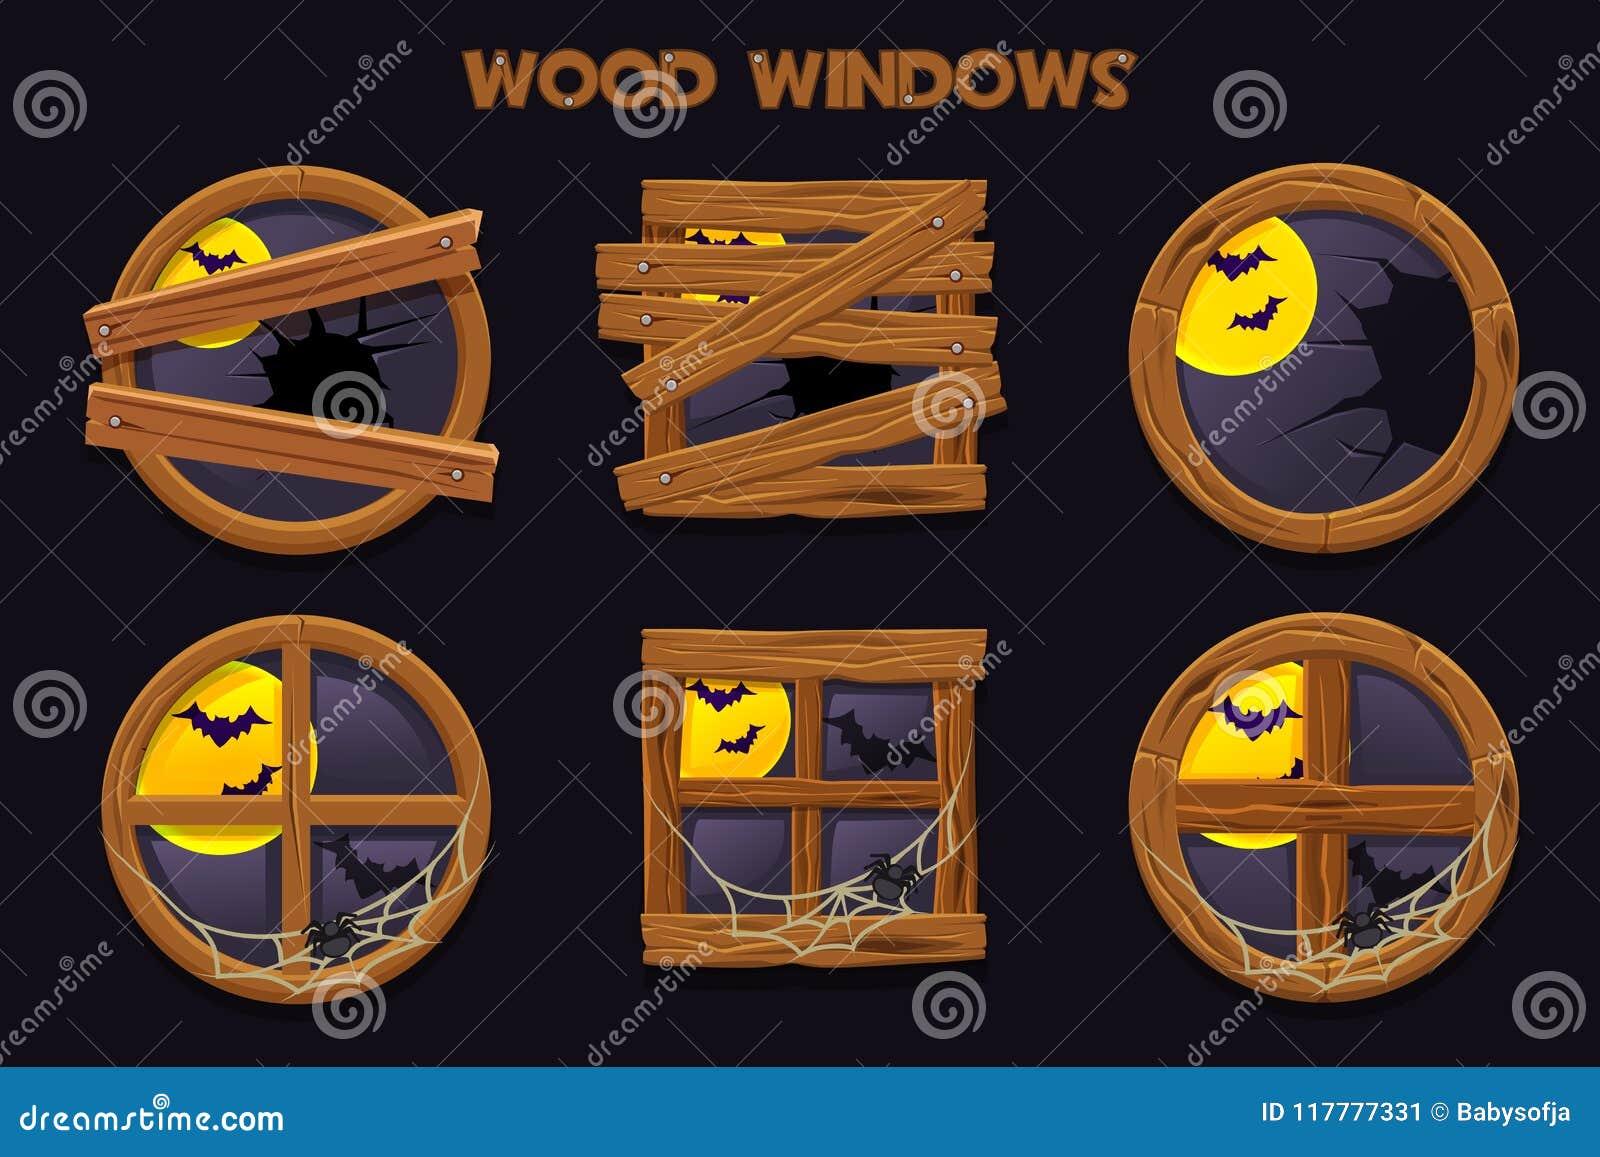 Unterschiedliche Form und alte zerbrochene hölzerne Fenster, Karikaturbauobjekte mit Spinnennetzen und Vollmond